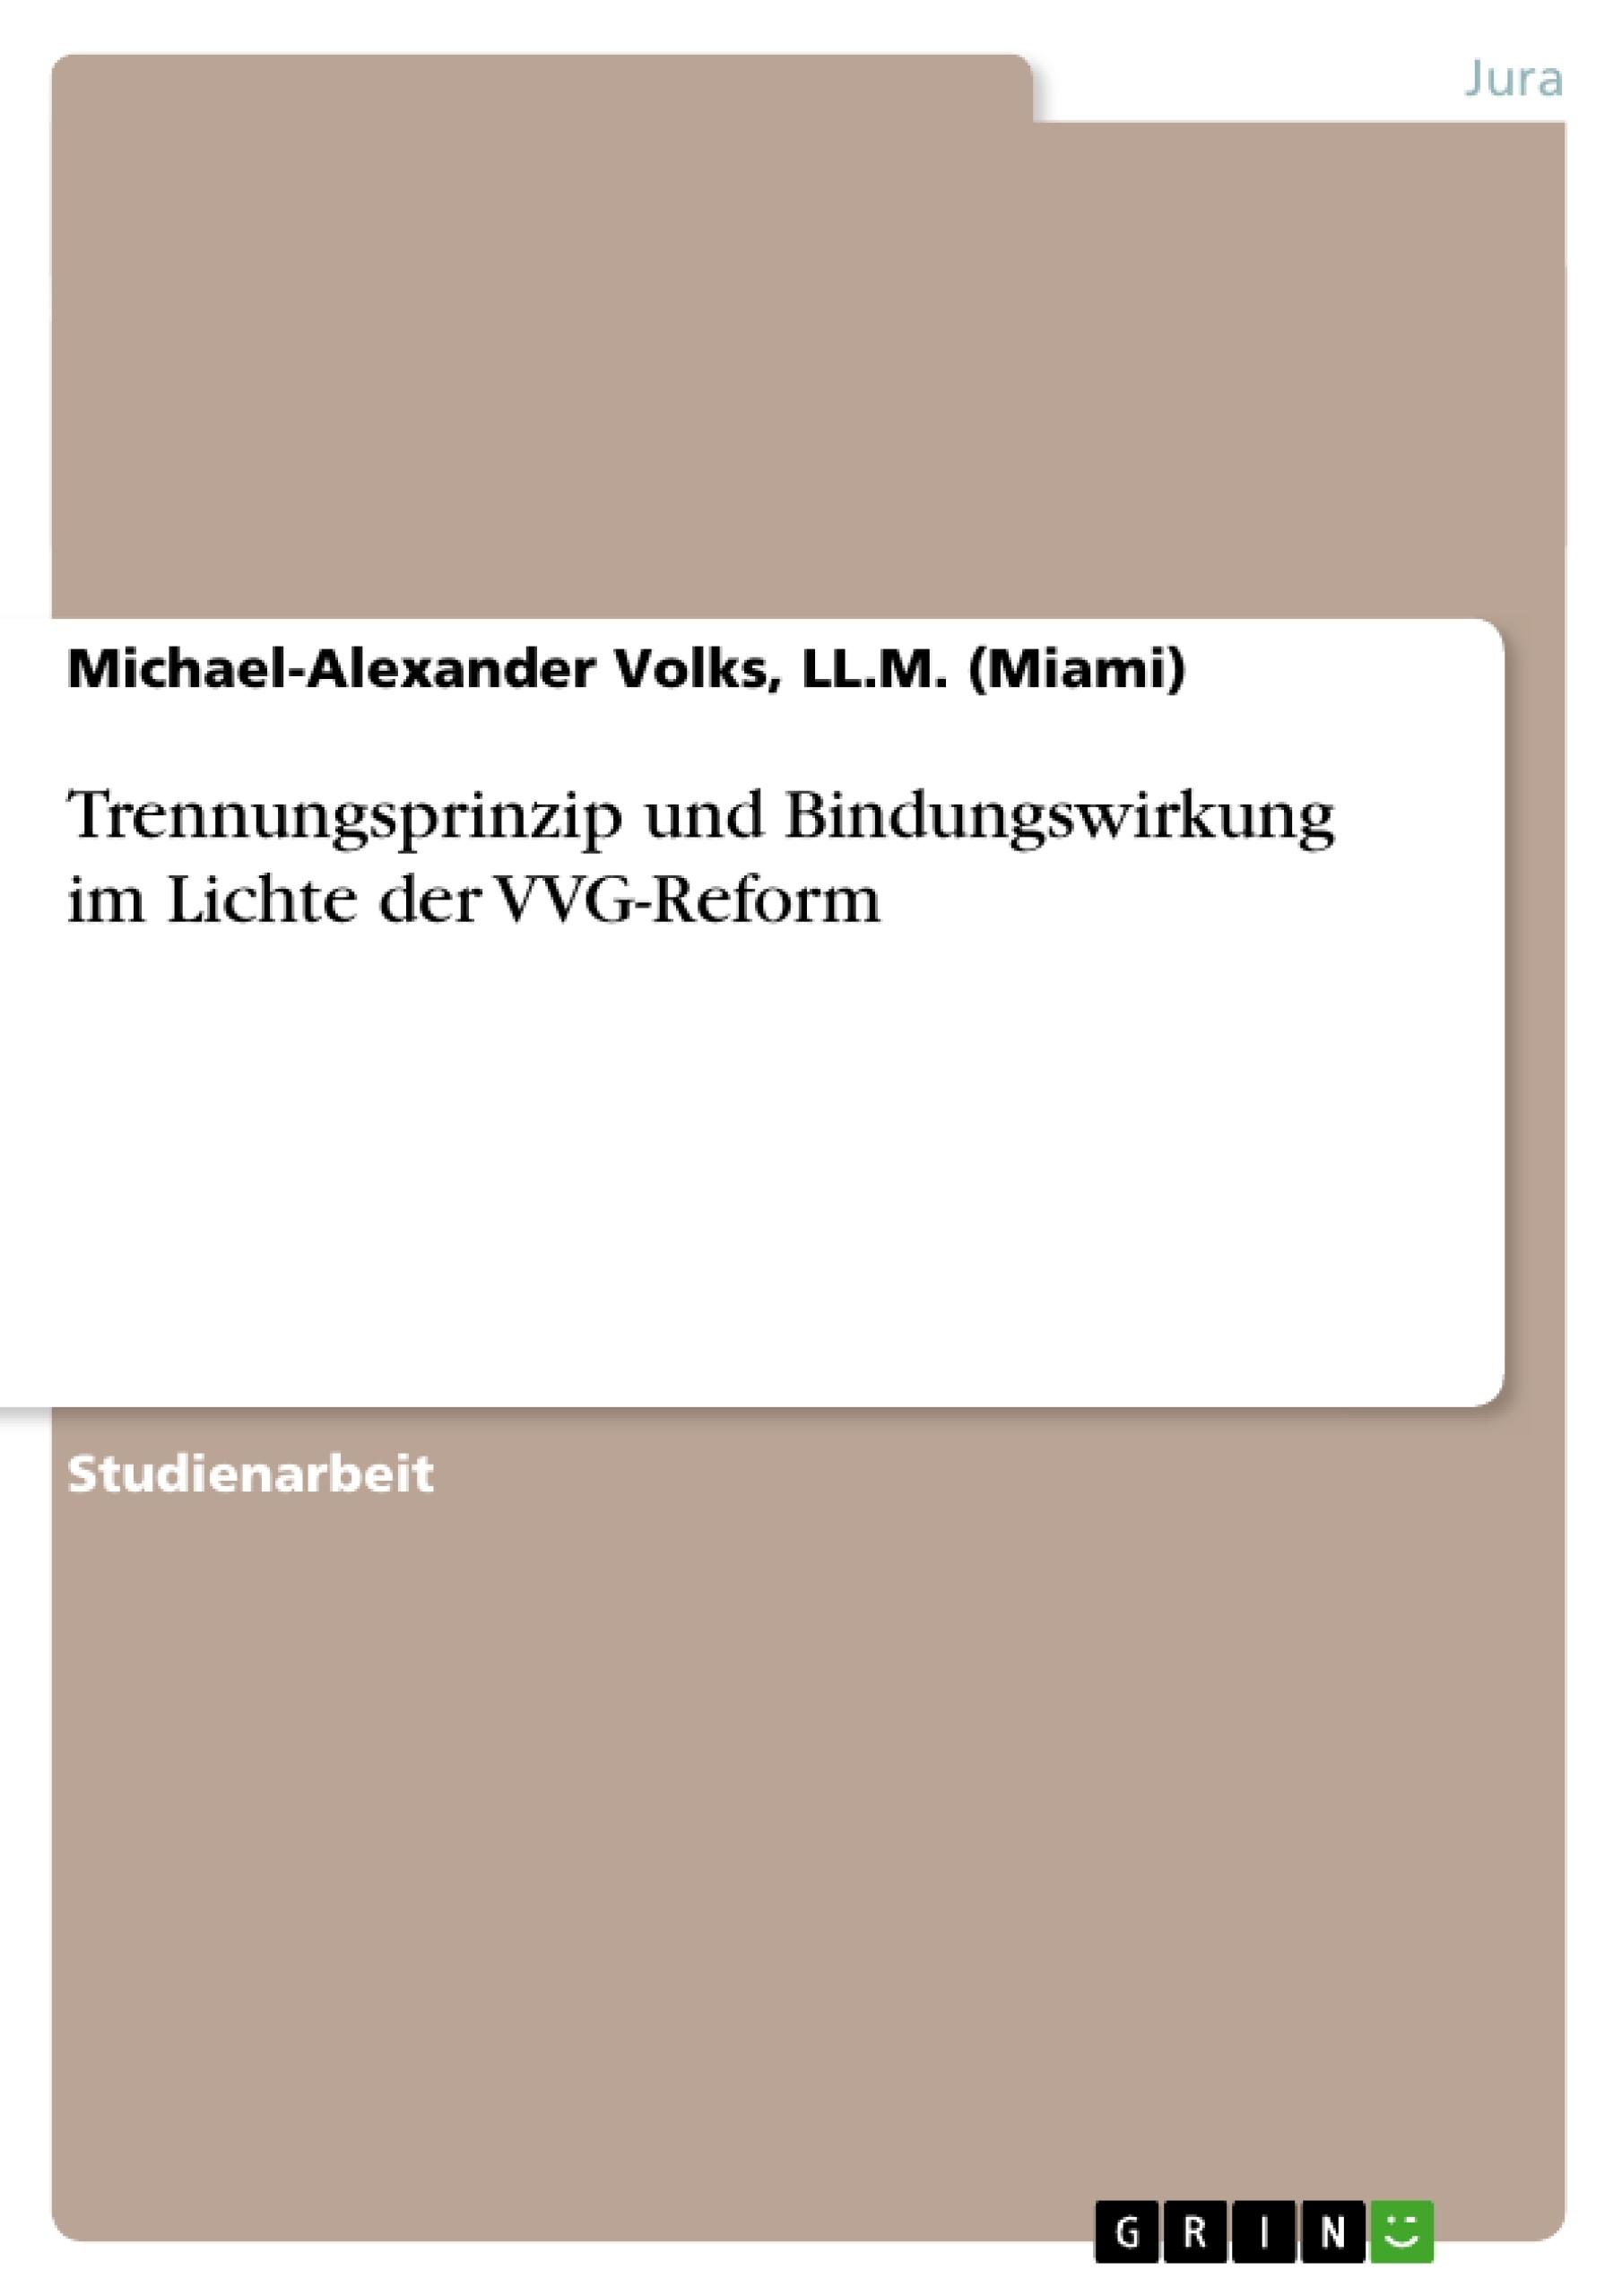 Titel: Trennungsprinzip und Bindungswirkung im Lichte der VVG-Reform